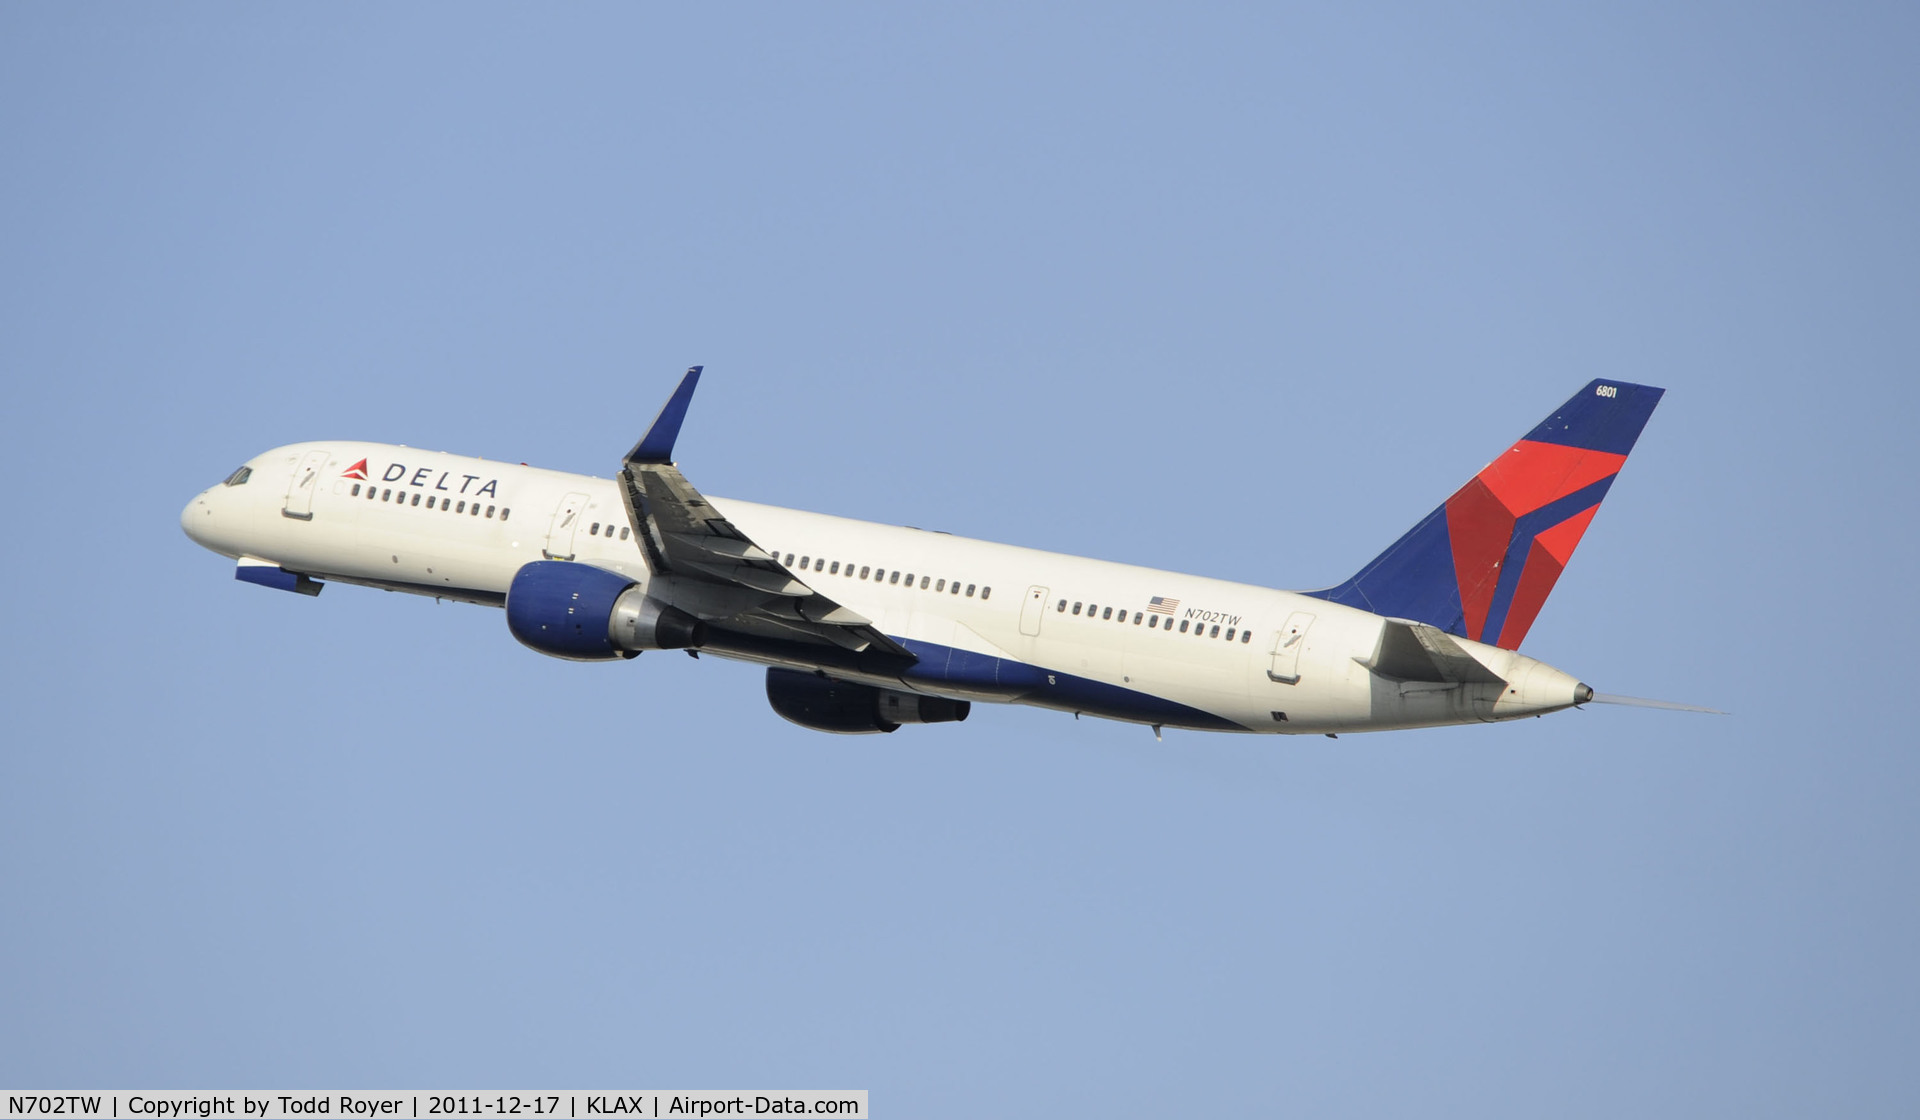 N702TW, 1996 Boeing 757-2Q8 C/N 28162, Departing LAX